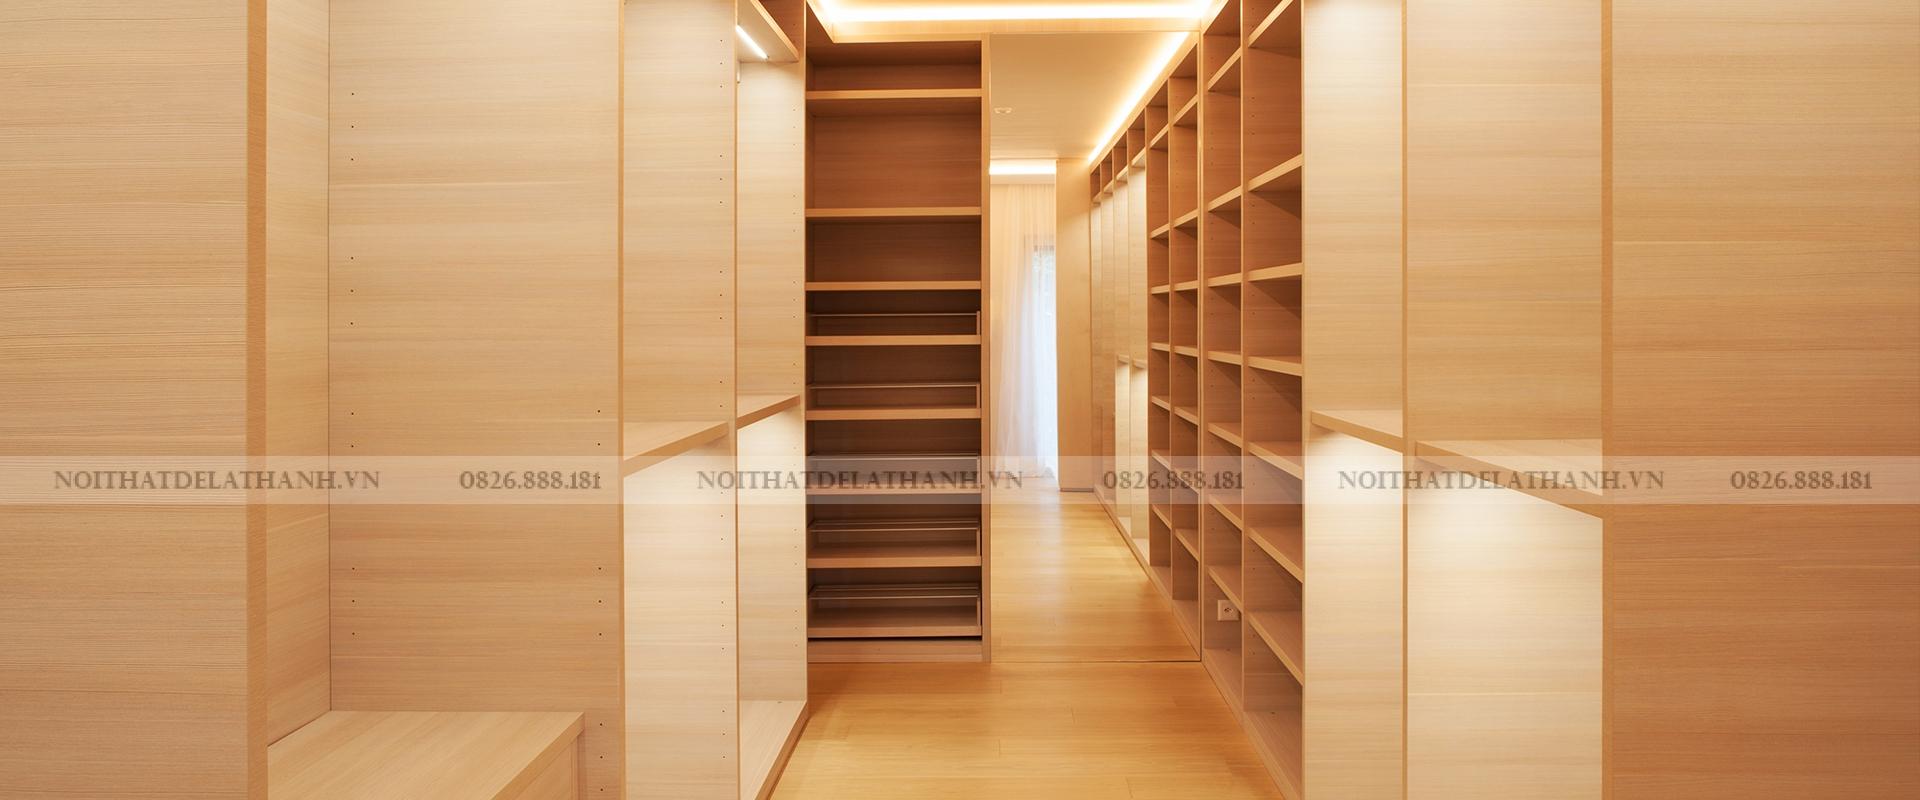 Một công trình hoàn thiện bằng gỗ MDF